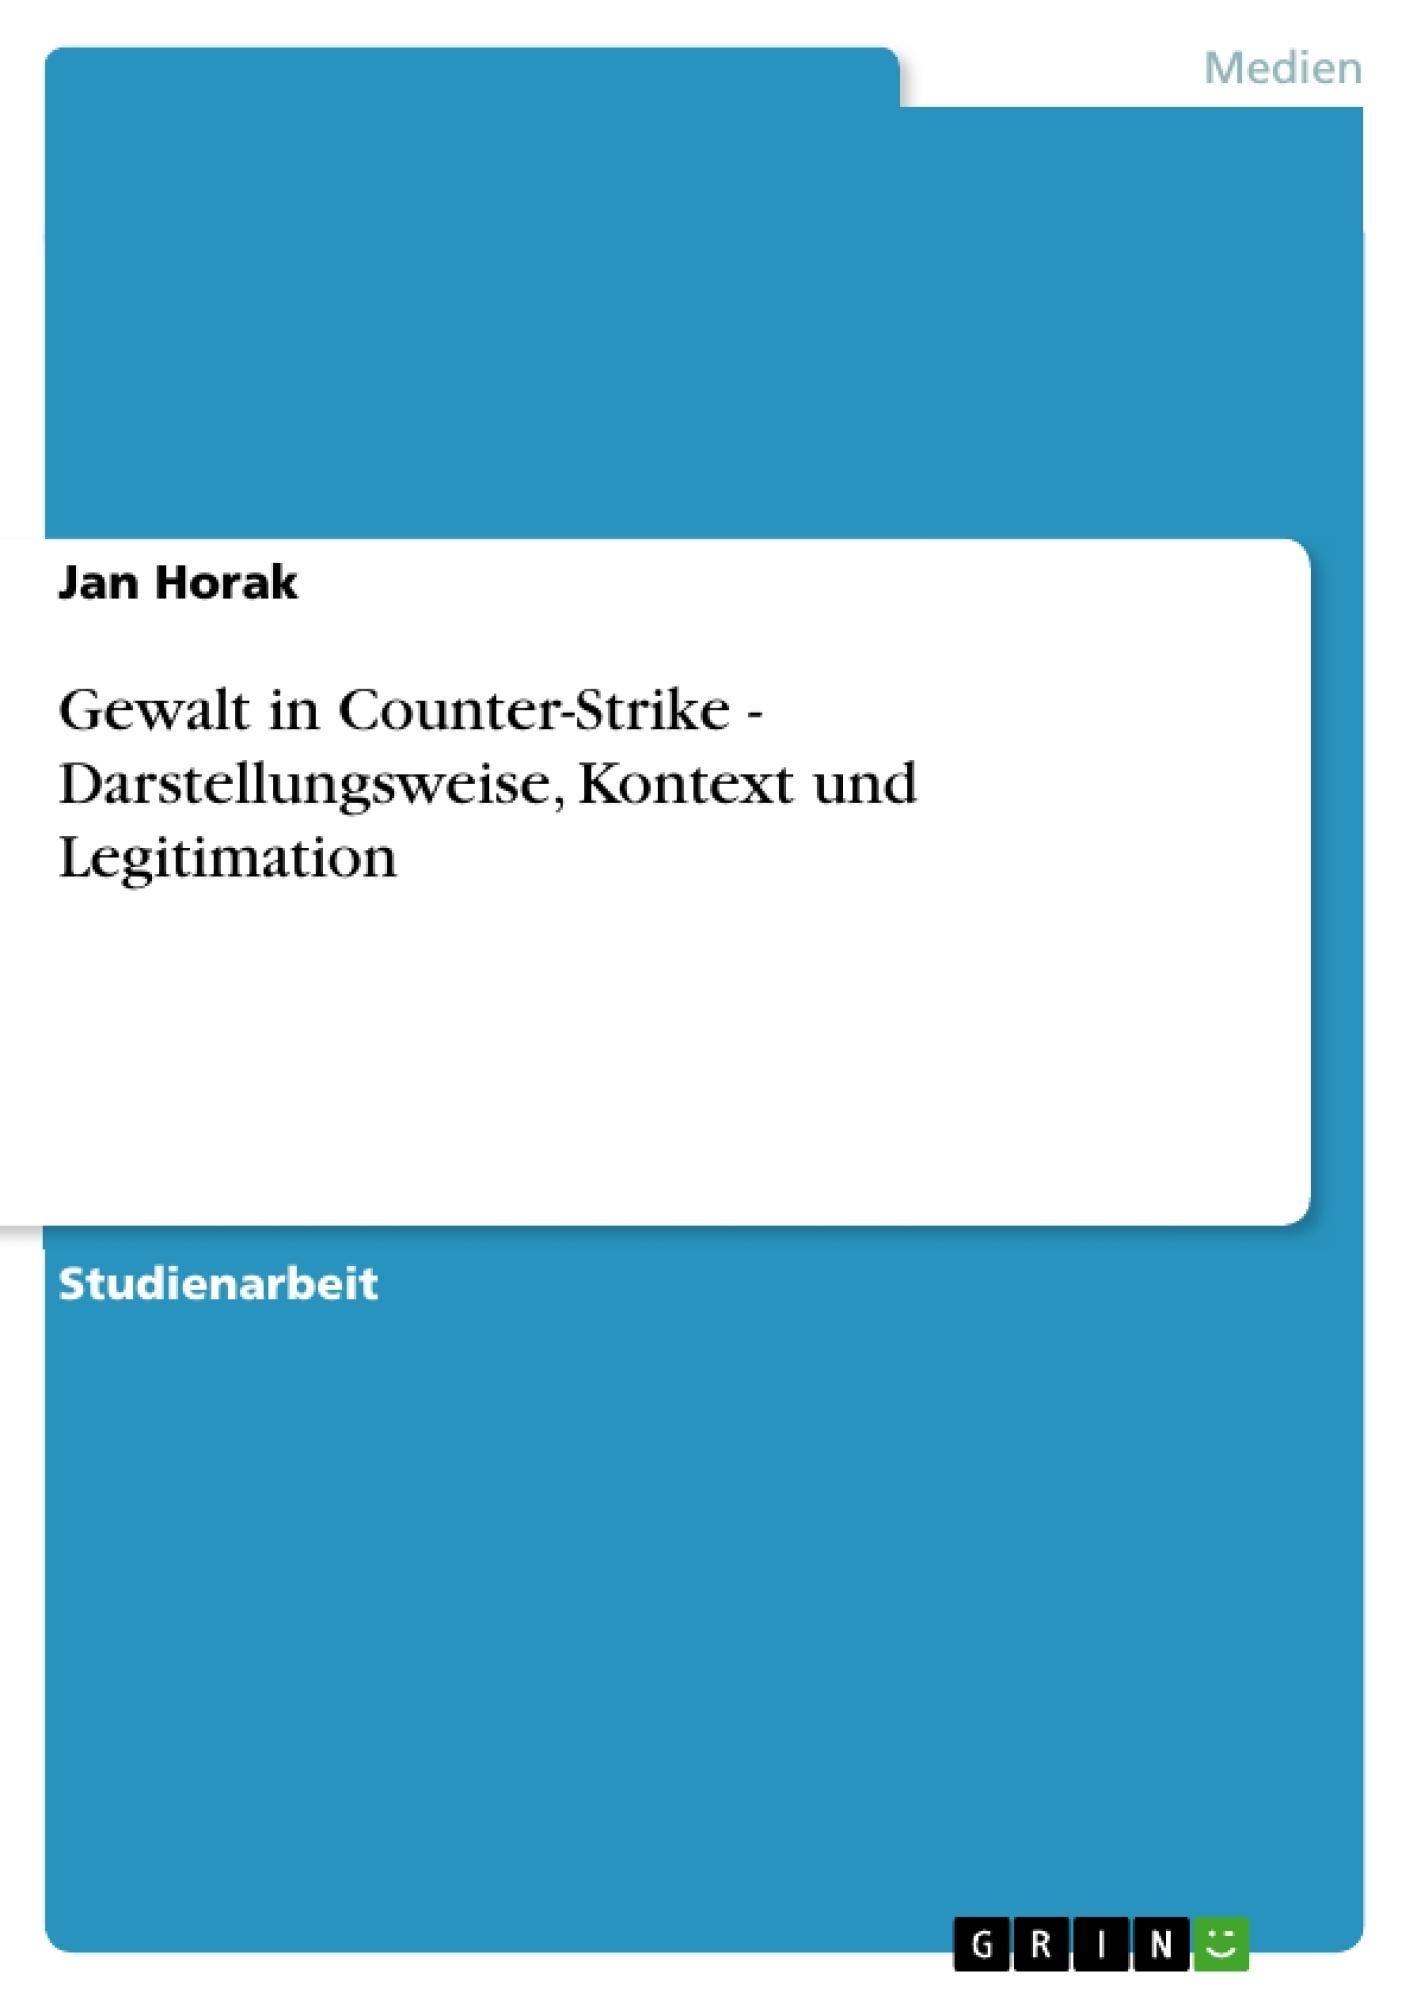 Titel: Gewalt in Counter-Strike - Darstellungsweise, Kontext und Legitimation